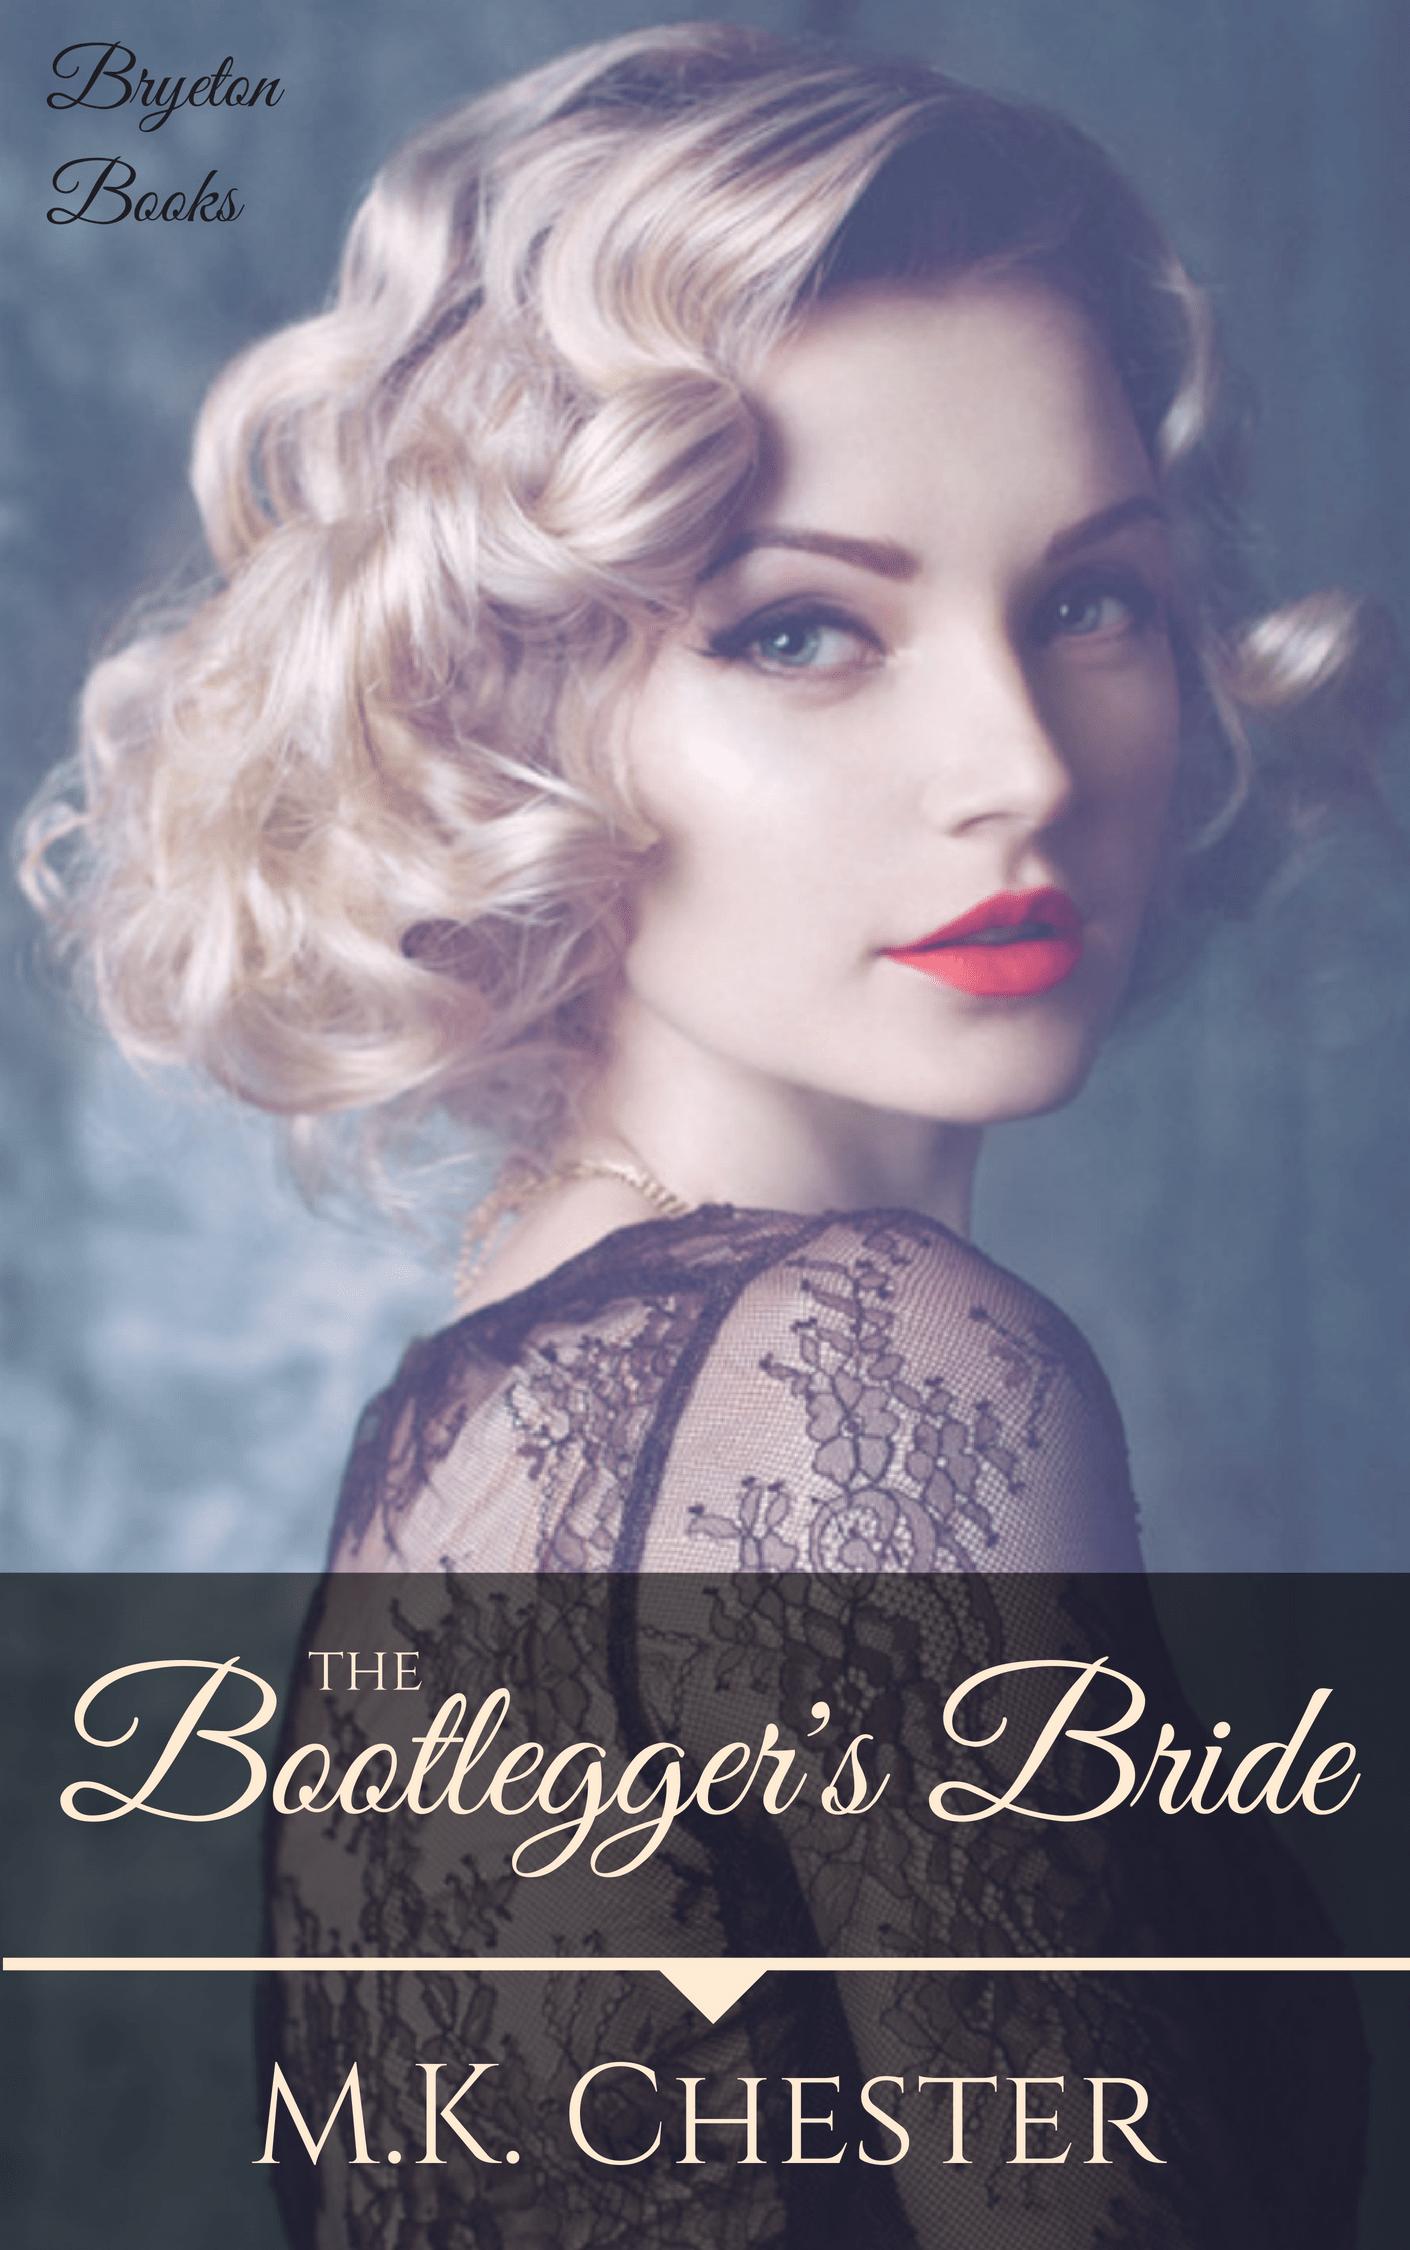 The Bootlegger's Bride (Bryeton Books)